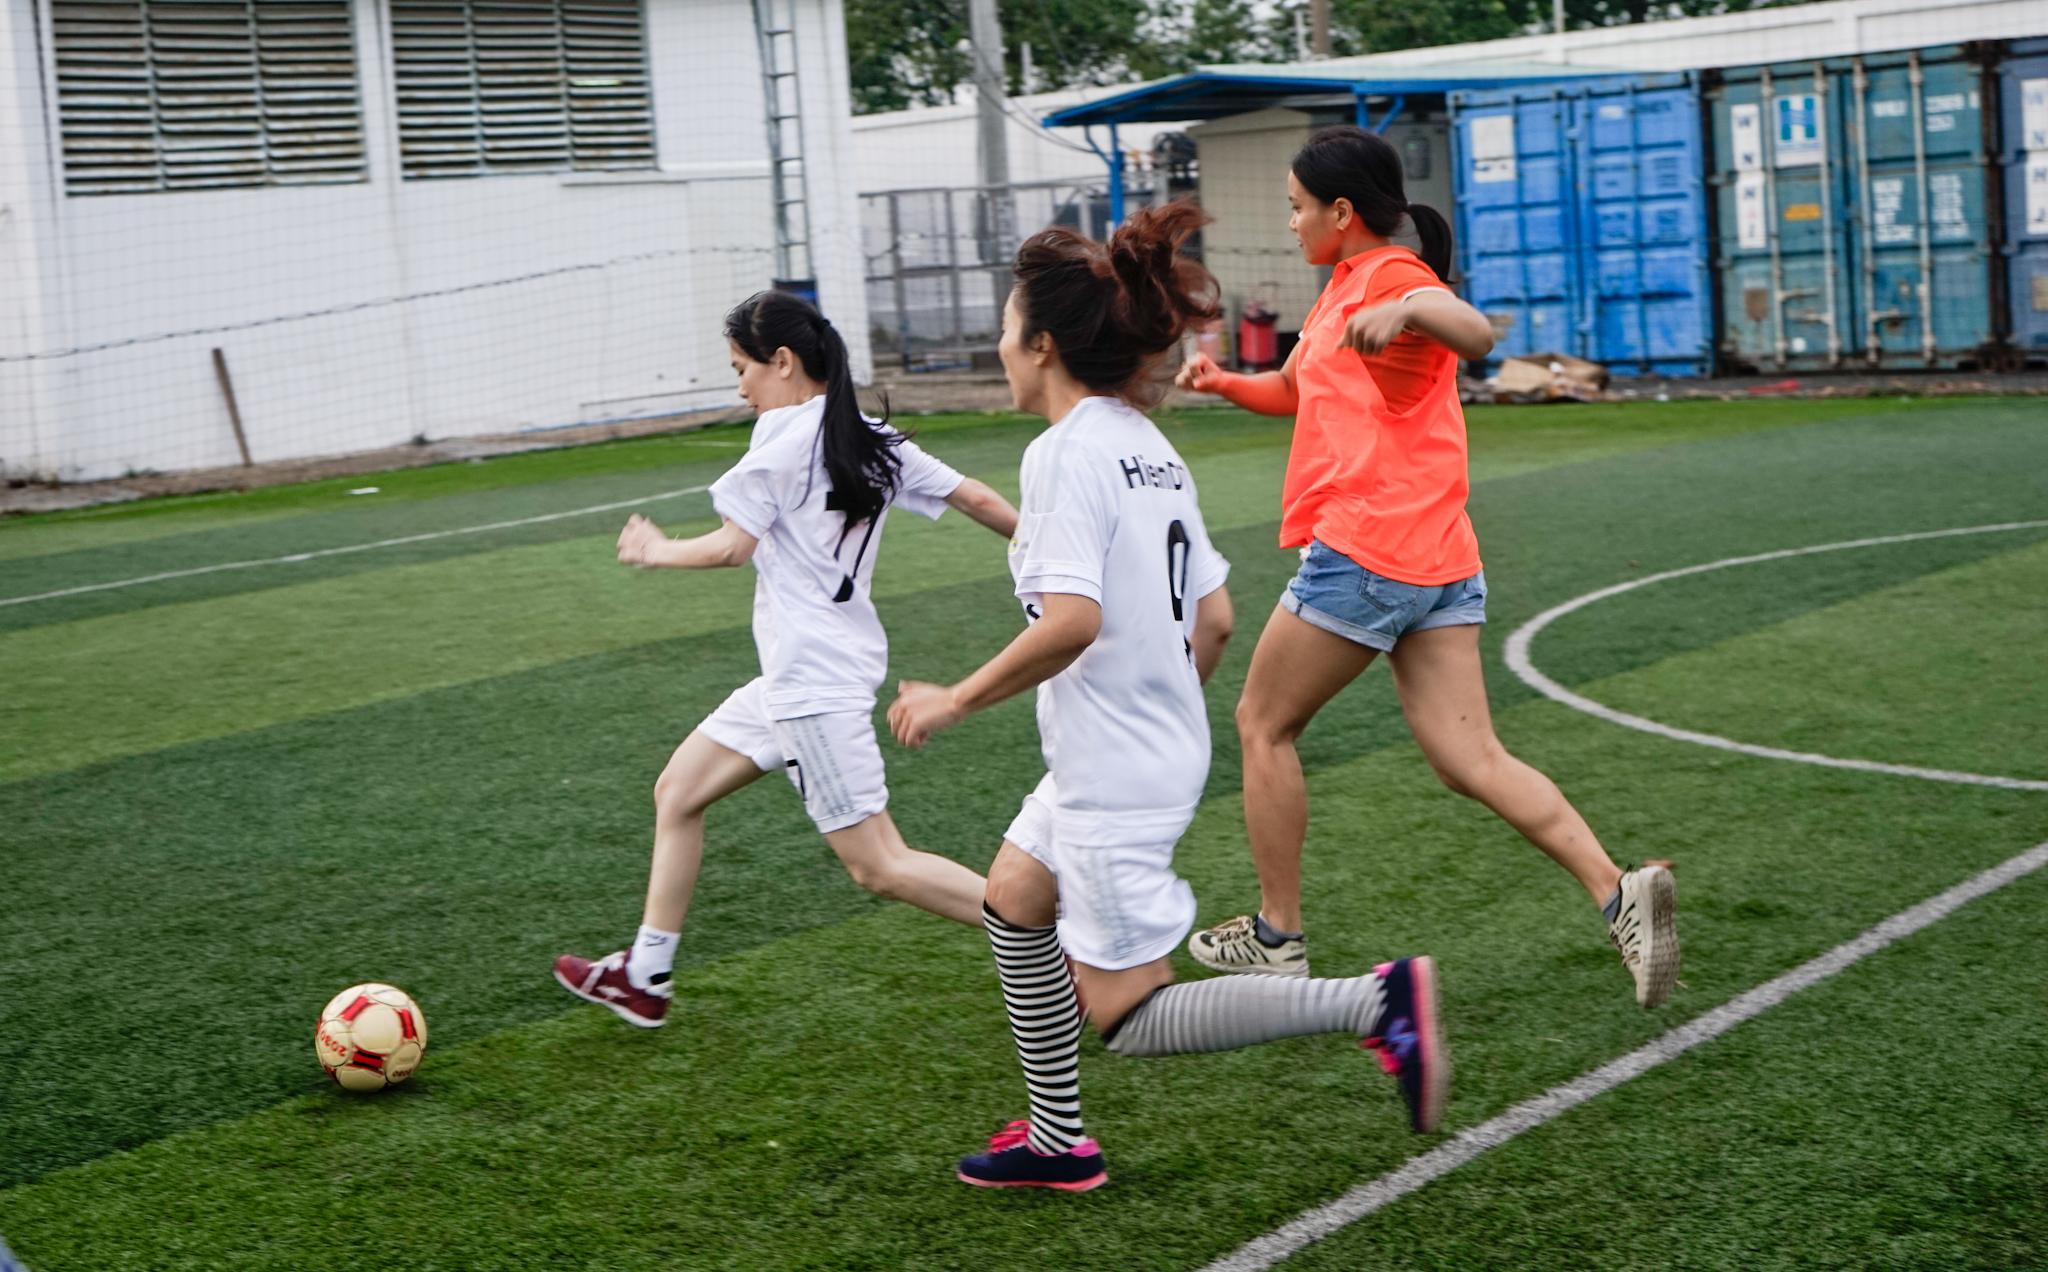 Trước khi trận đấu diễn ra, đội CSKH06 với sự góp mặt của chị Mạc Thị Bảo Huyên, Trưởng phòng CSKH06, trong đội hình ra sân được đánh giá nhỉnh hơn đối thủ về lực lượng cũng như chuyên môn.